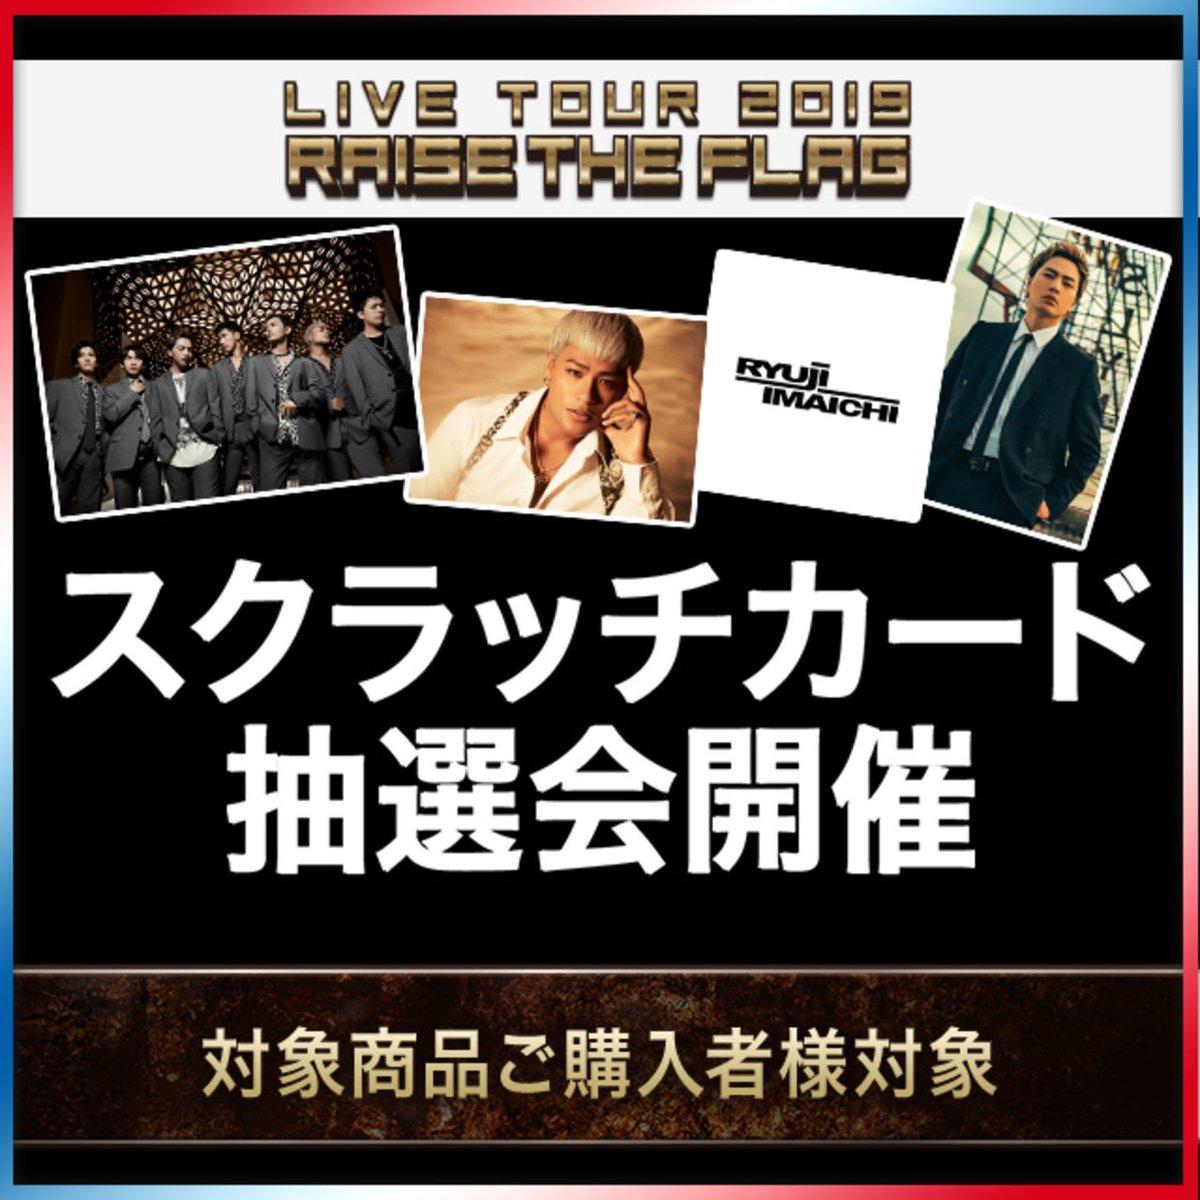 【東京公演詳細解禁】三代目 J SOUL BROTHERS LIVETOUR 2019